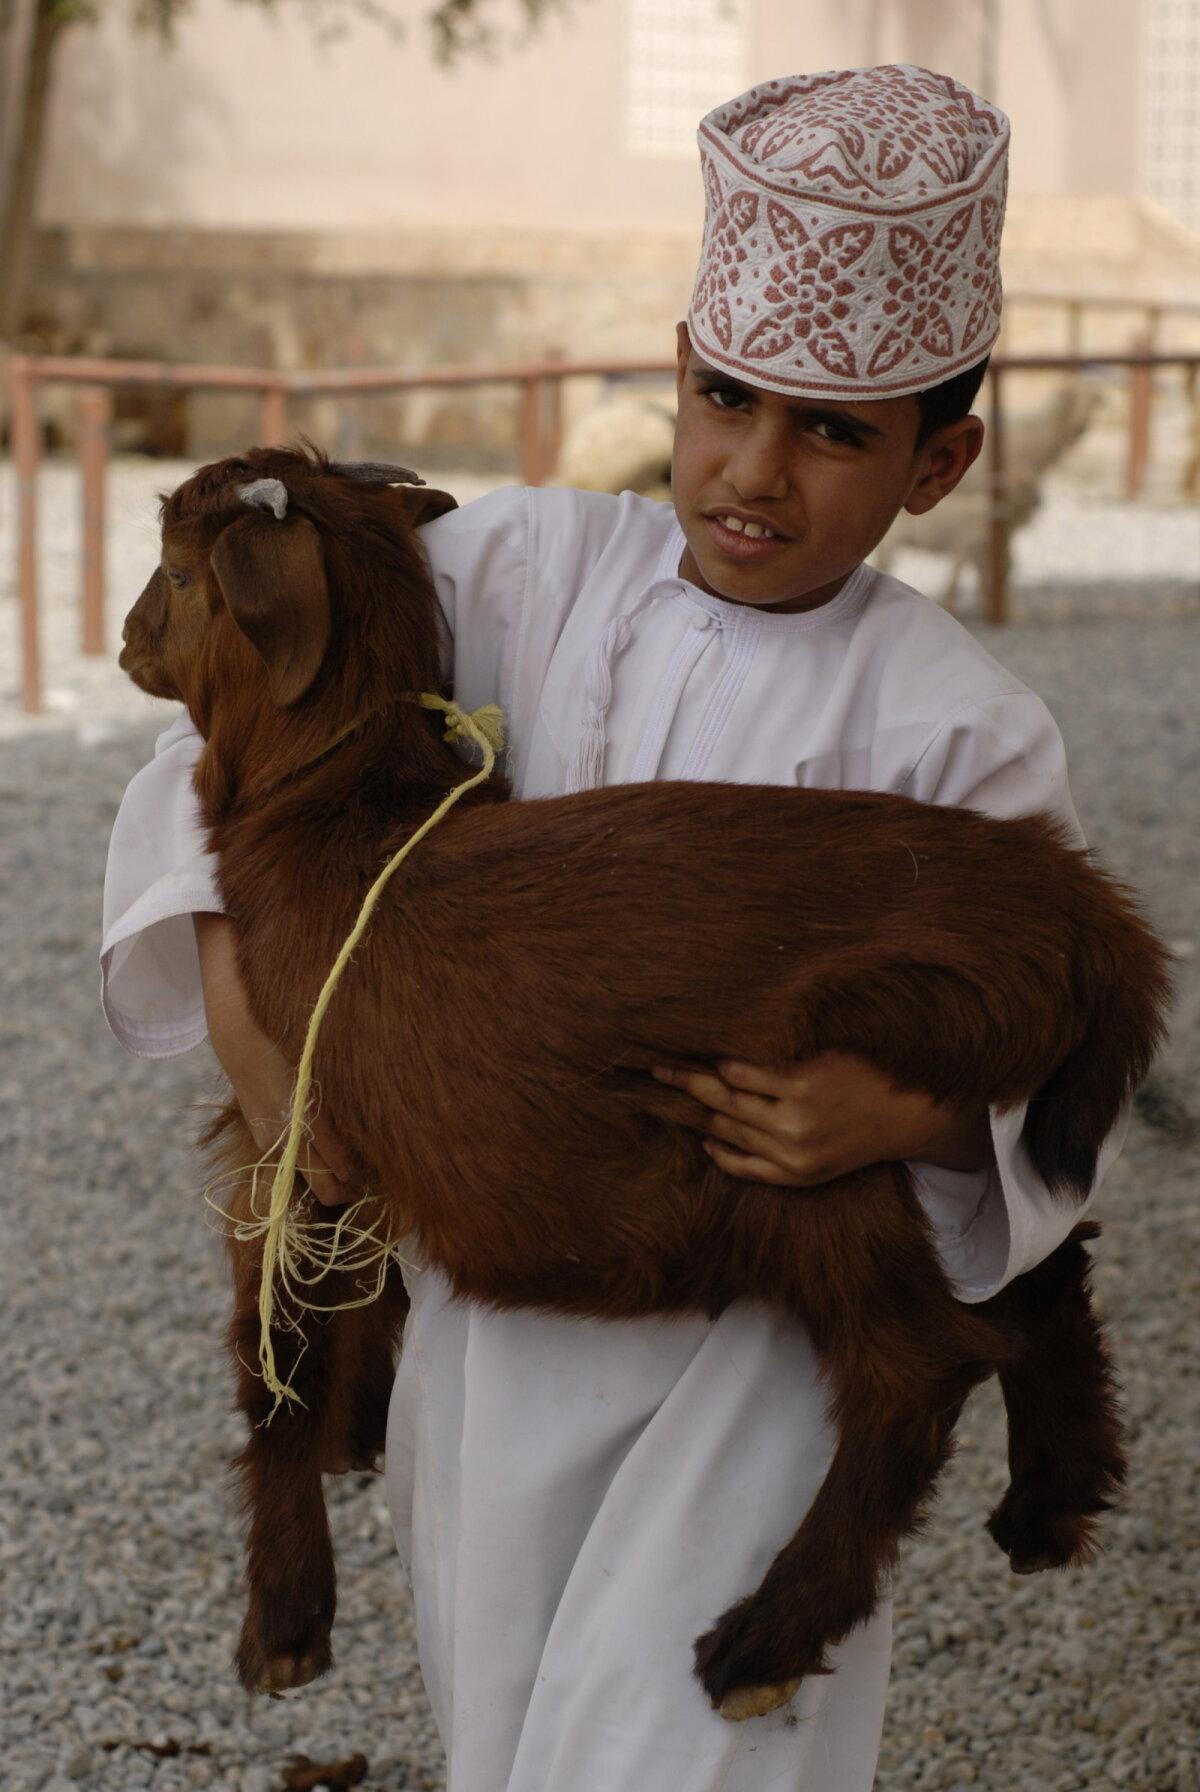 Omaanis on kitsede kasvatamine ja karjatamine lugu- peetud töö ja pojad aitavad isasid hea mee- lega. Omaani kitsed on nii liha- kui piimaloo- mana ühed hinnatuimad maailmas ja kitse hind võib vabalt ulatuda üle 100 euro, mis on seal kandis väga märkimisv